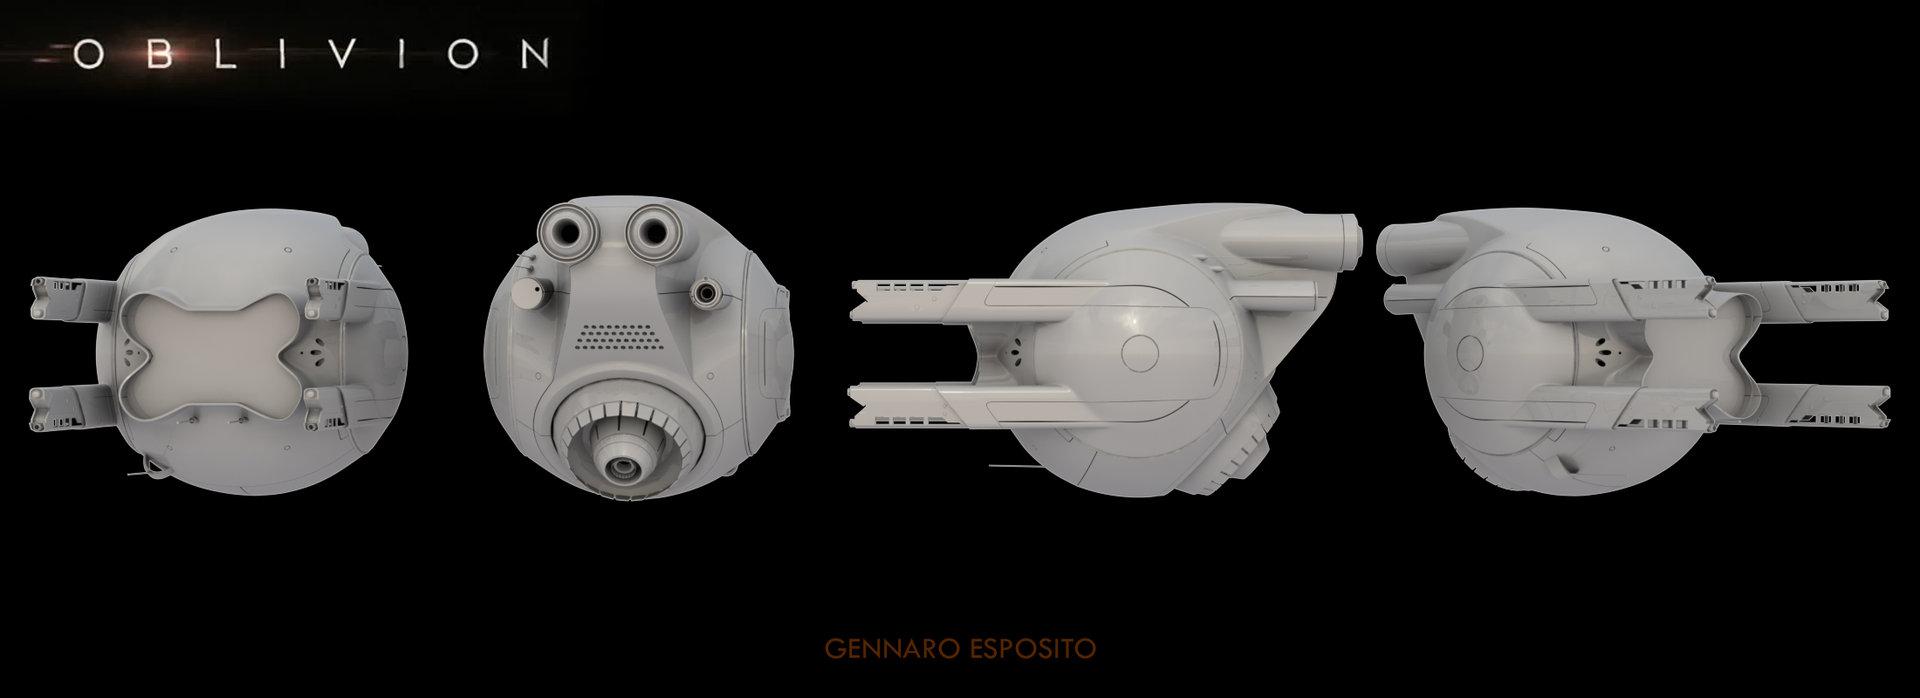 gennaro-esposito-droneoblivionramek